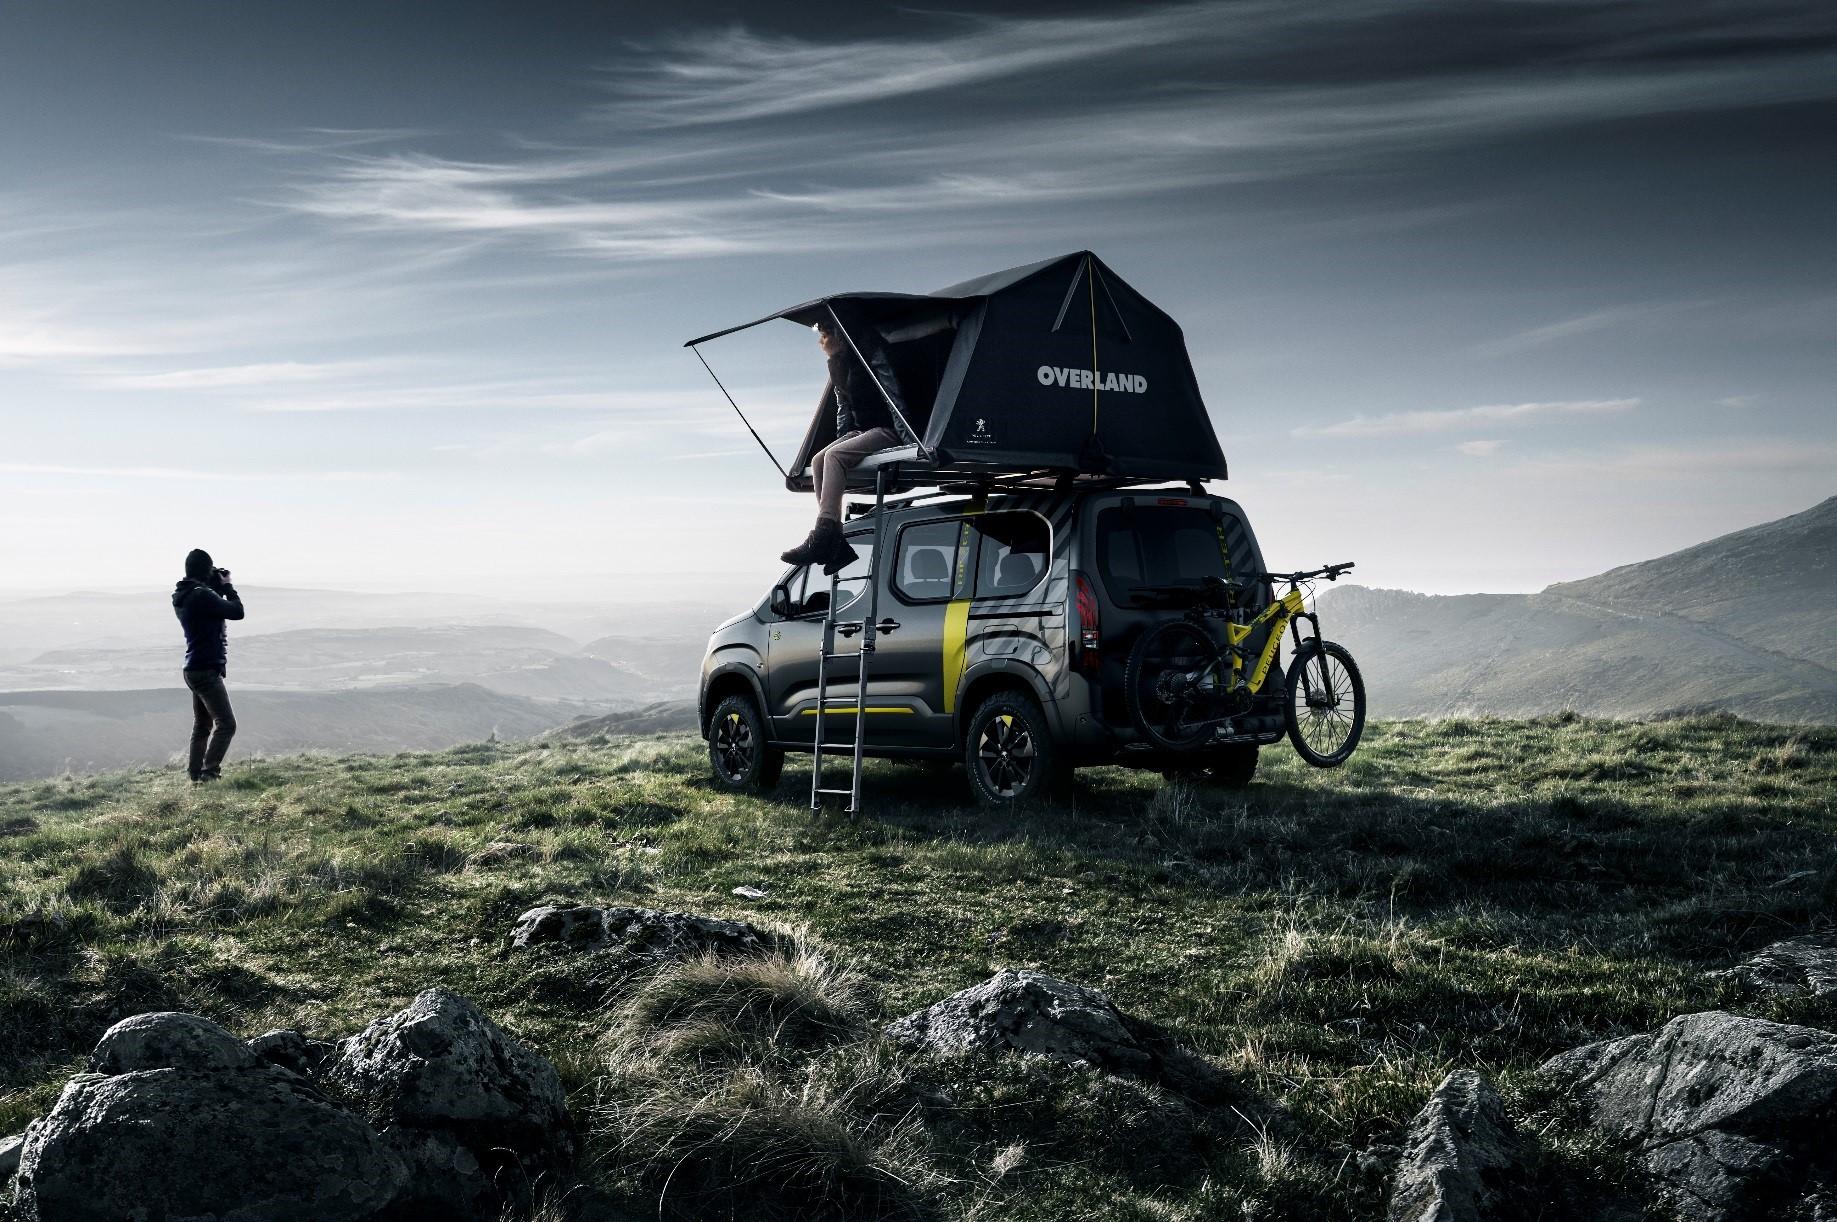 El coche más aventurero: con tienda de campaña y bici eléctrica de serie